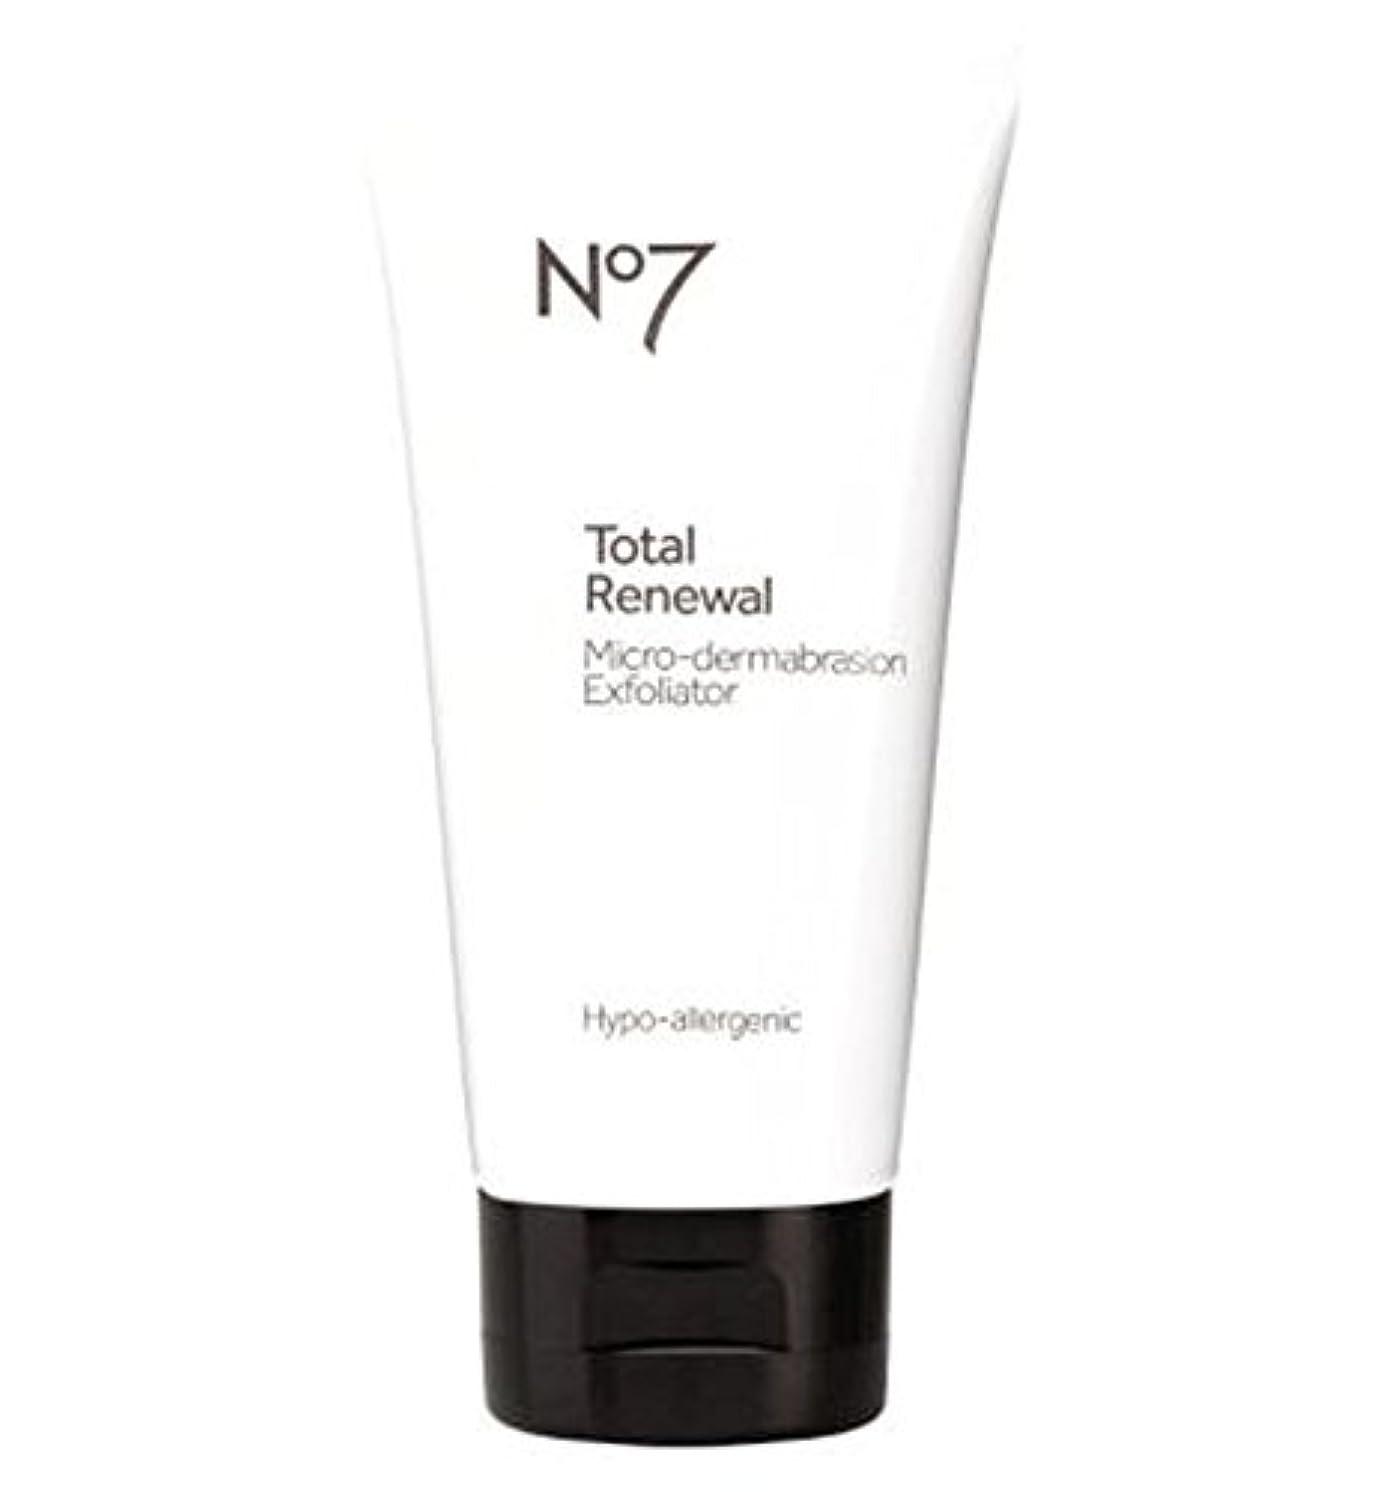 ワーカー駐地テザーNo7総リニューアルマイクロ皮膚剥離面エクスフォリエーター (No7) (x2) - No7 Total Renewal Micro-dermabrasion Face Exfoliator (Pack of 2) [並行輸入品]